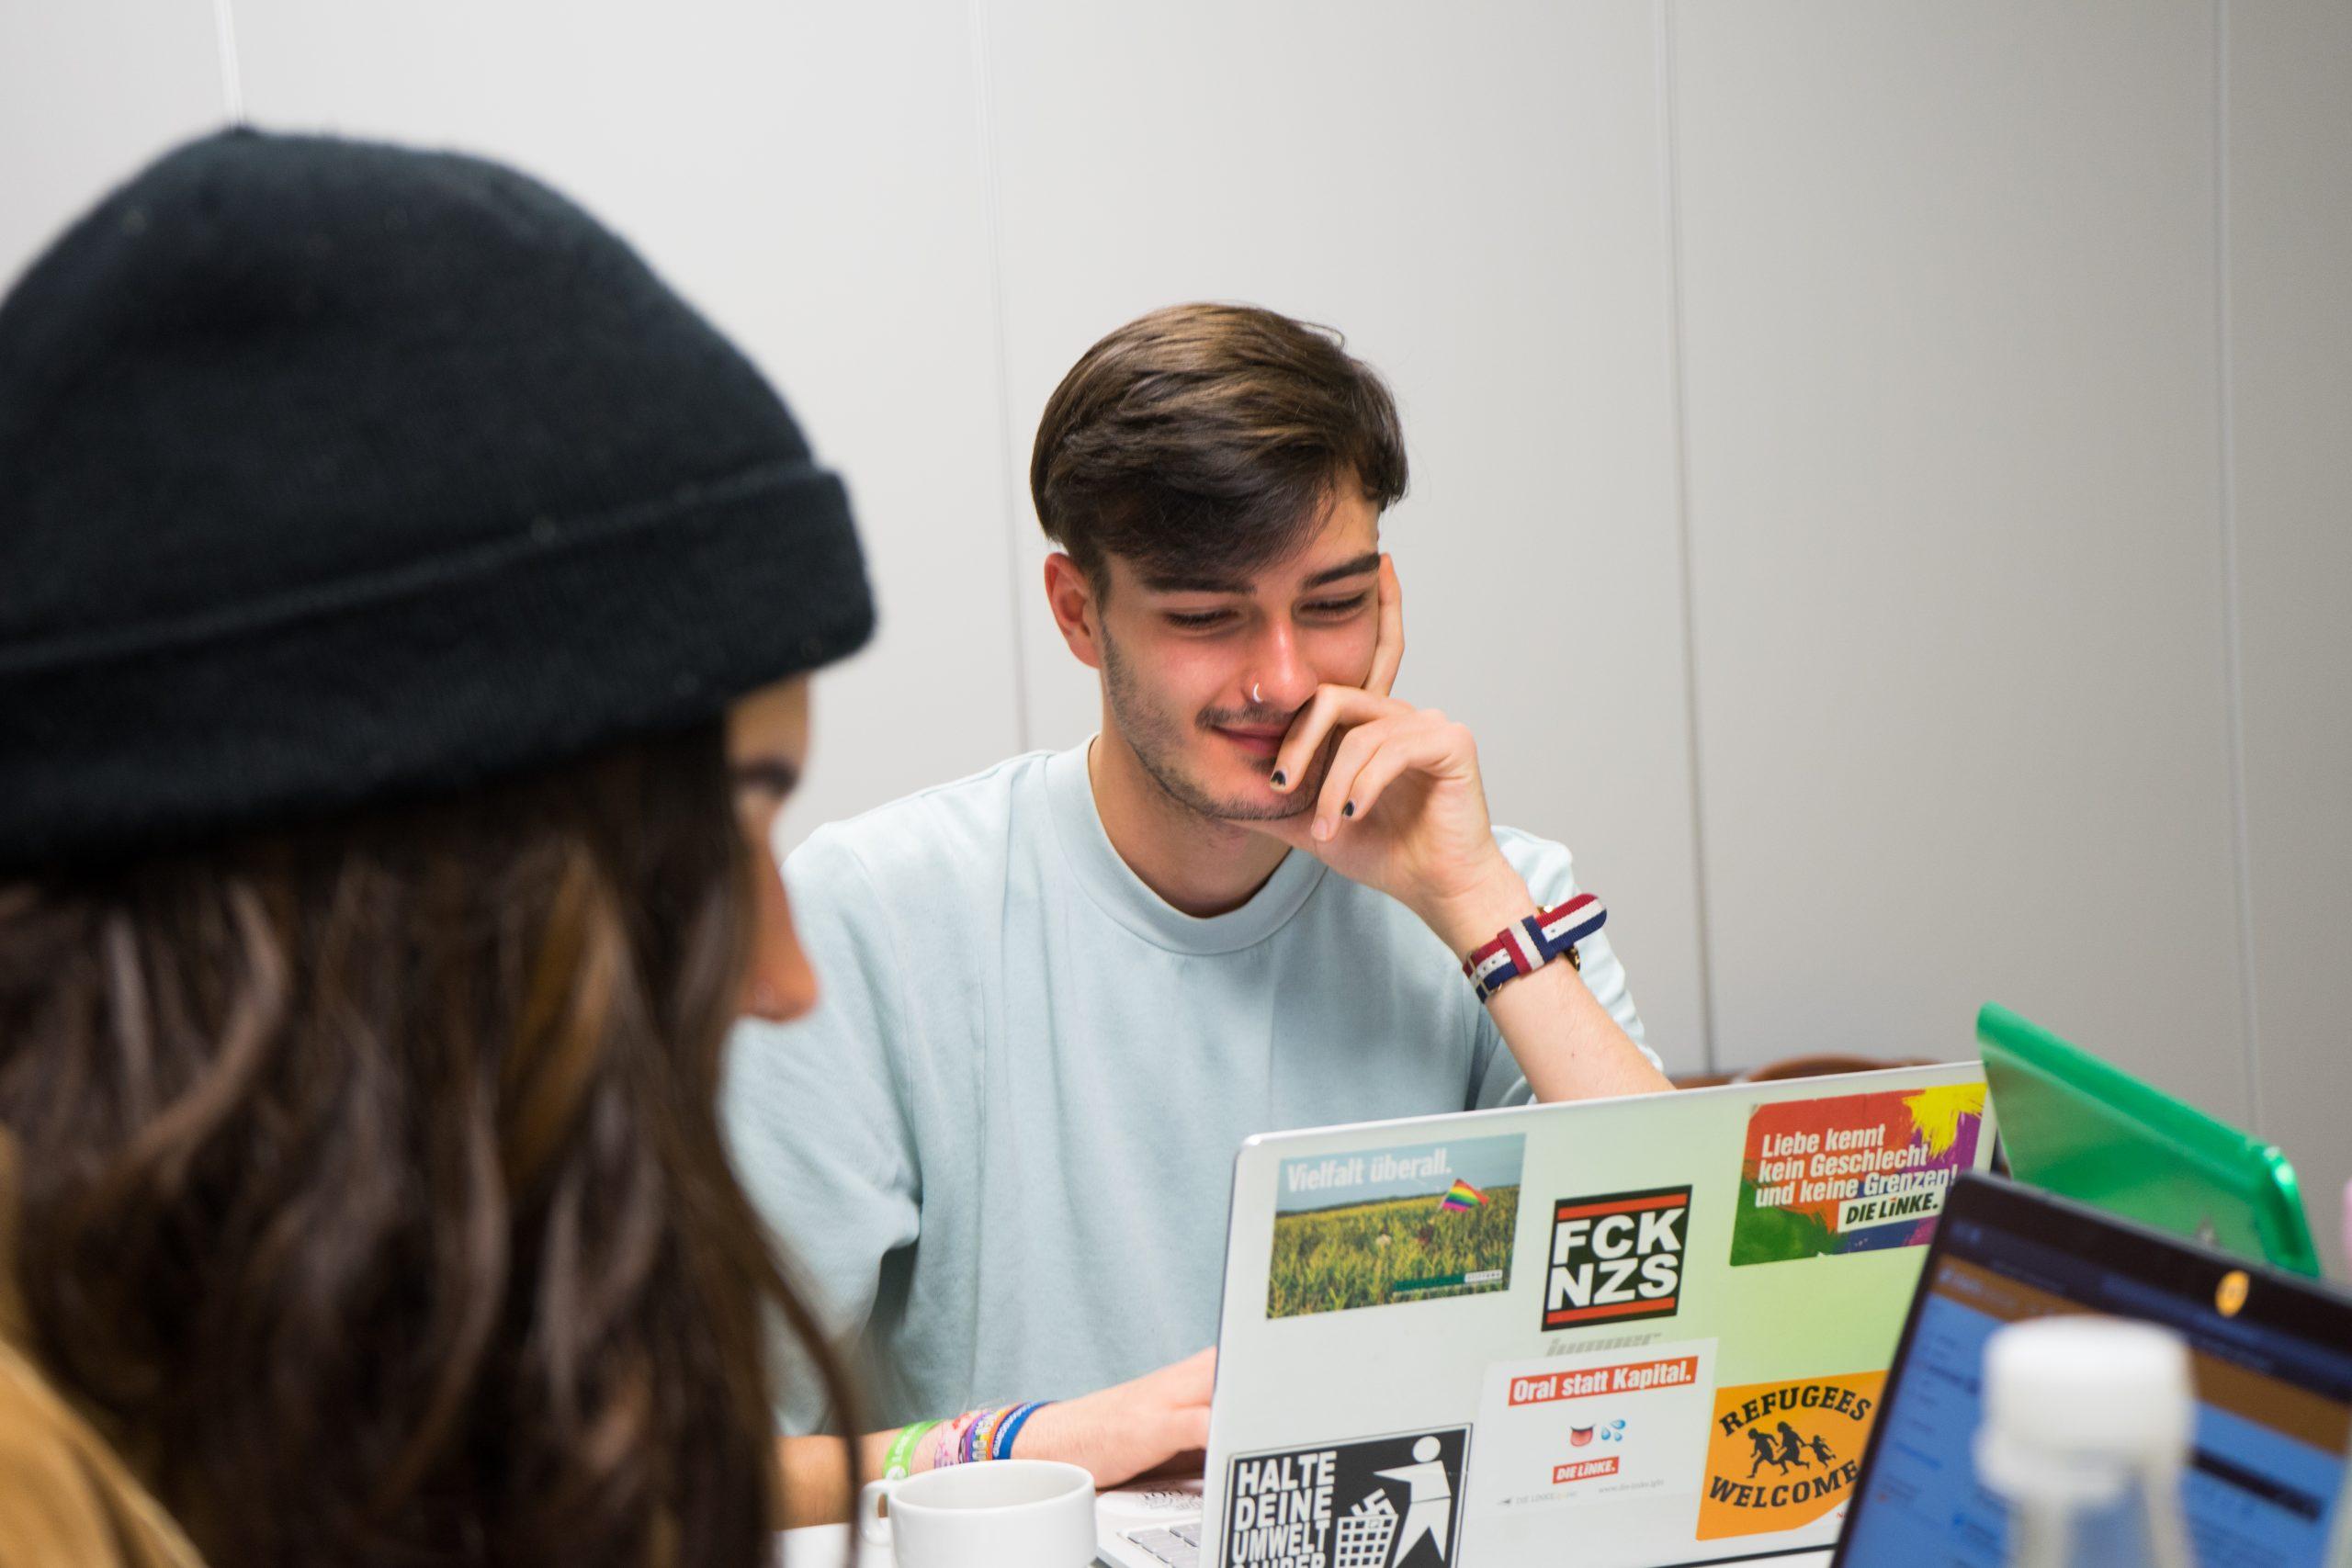 Auf dem Bild sind ein Junge und ein Mädchen zu sehen. Beide sitzen an einem Tisch und schauen auf jeweils einen Laptop. © Servicestelle Jugendbeteiligung e.V., 2019